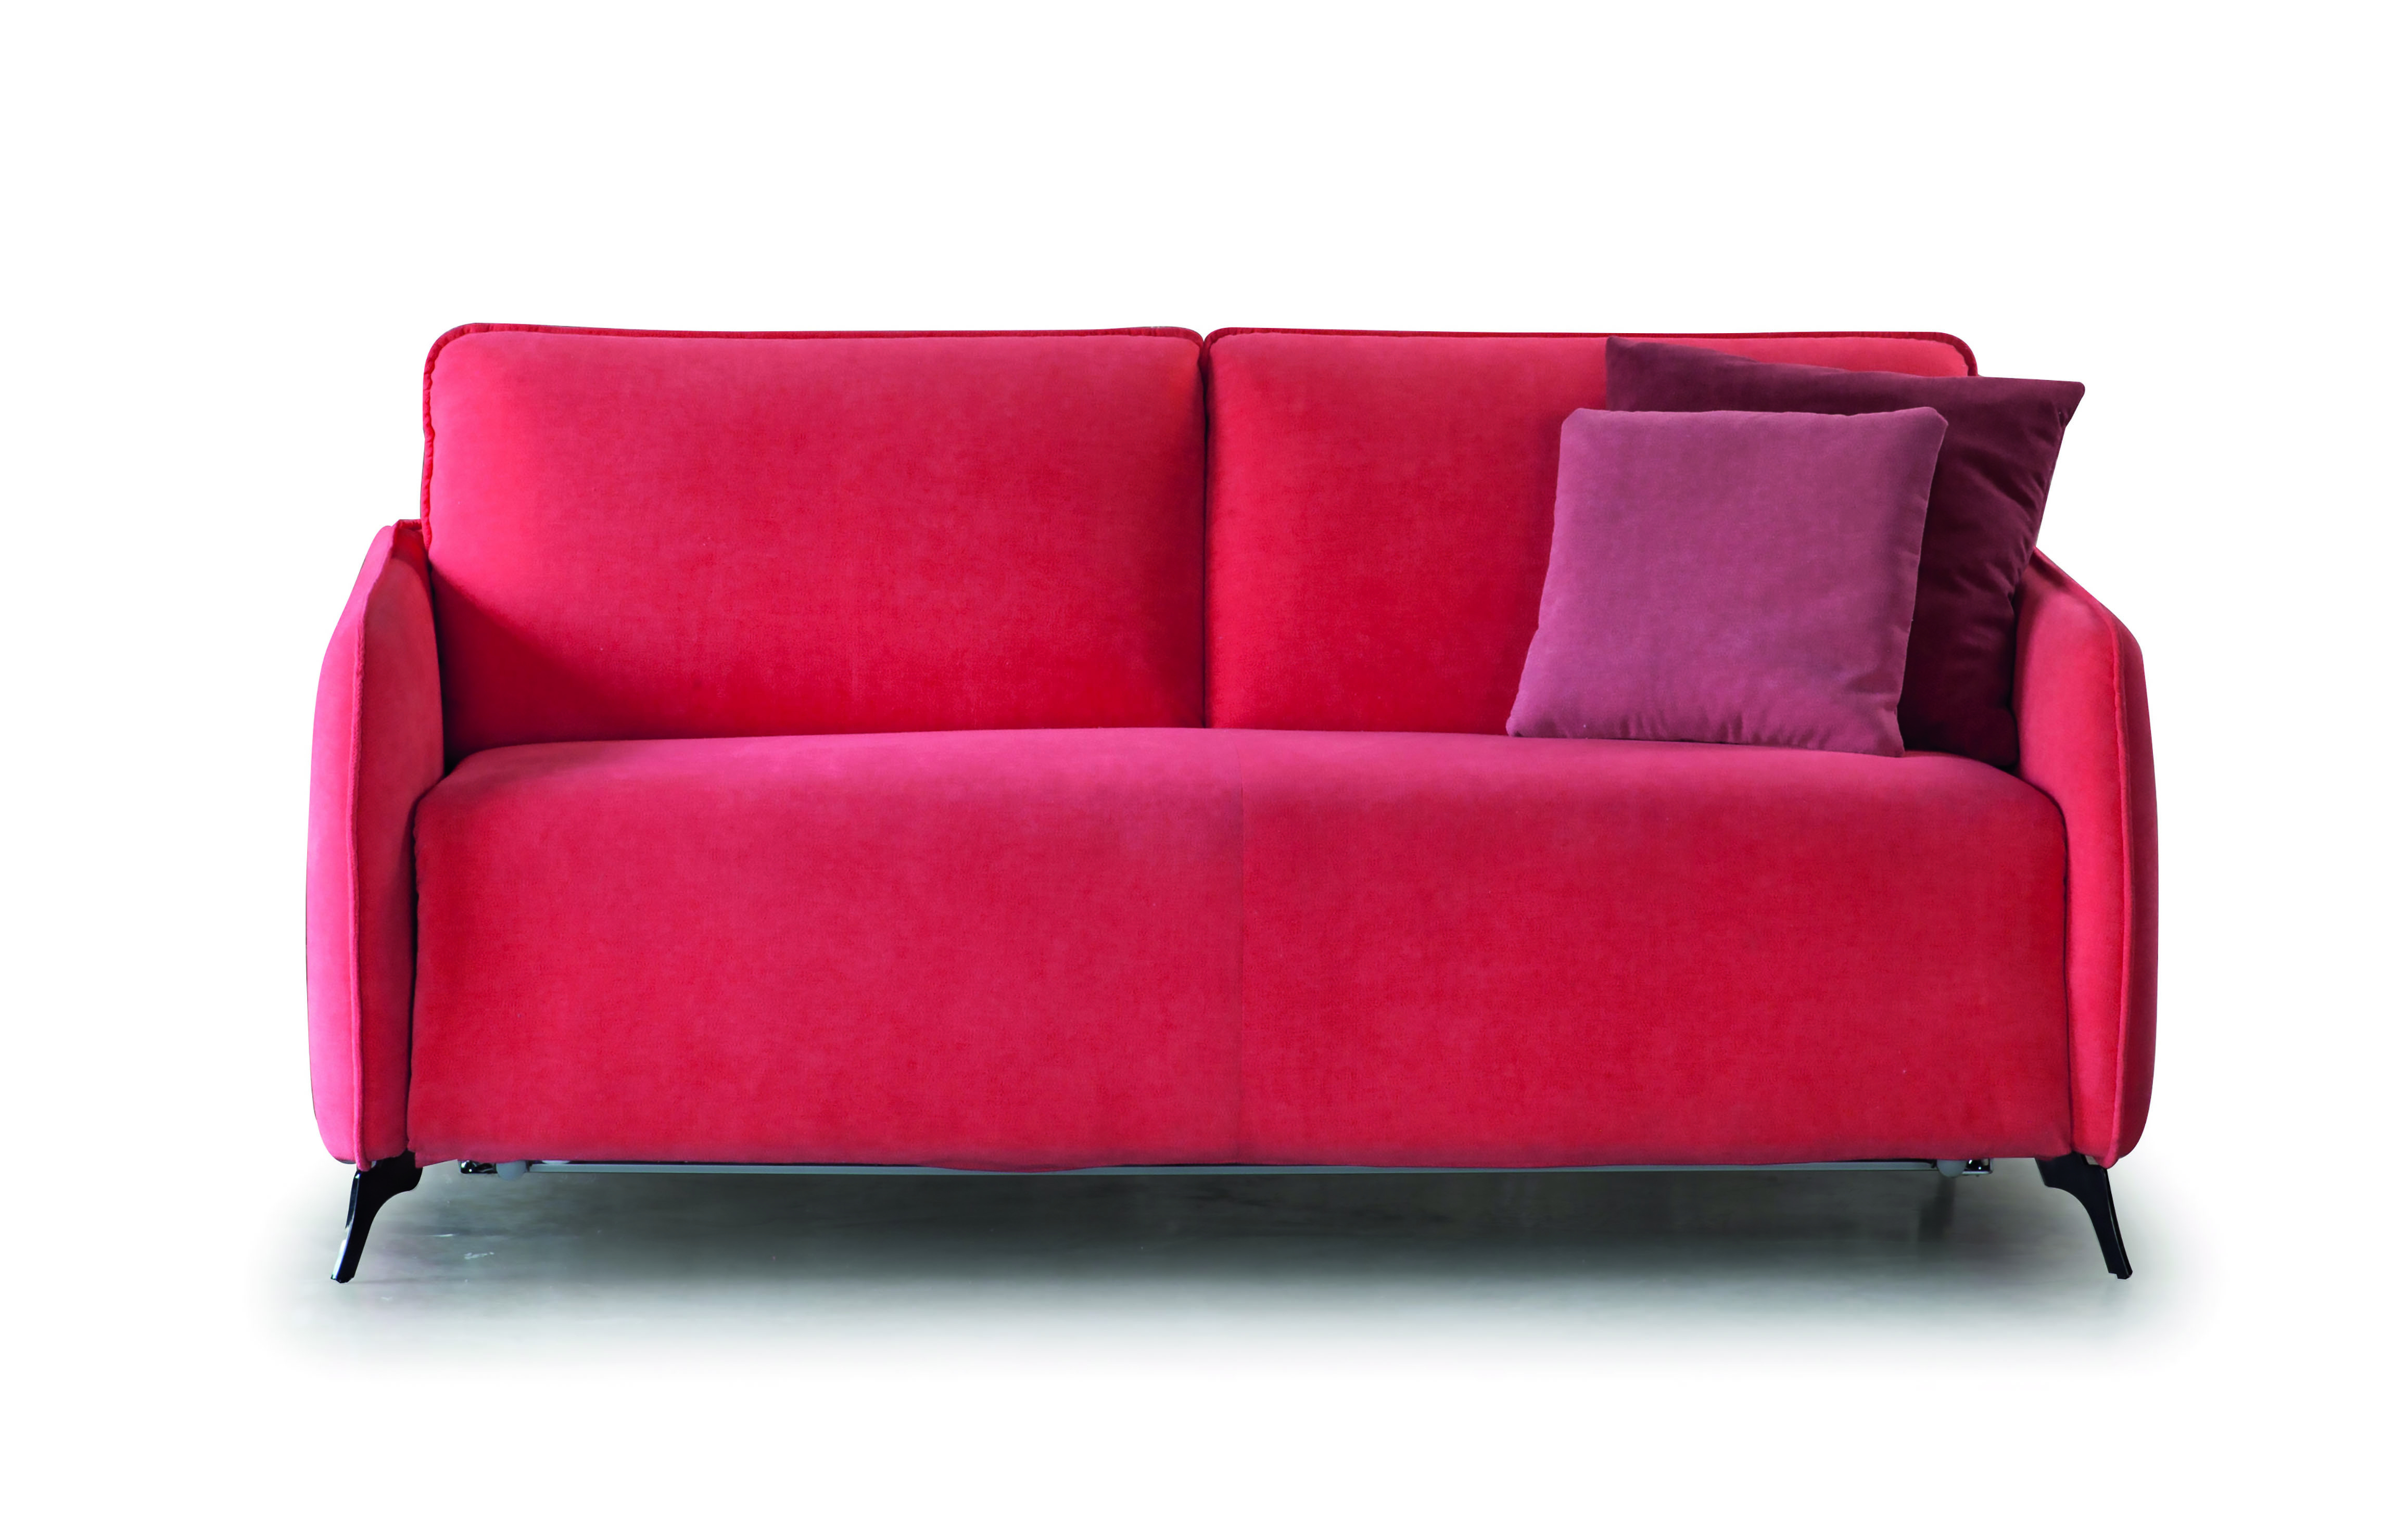 Canapé-Lit Scarlet – Conforama Luxembourg avec Conforama Canape Lit